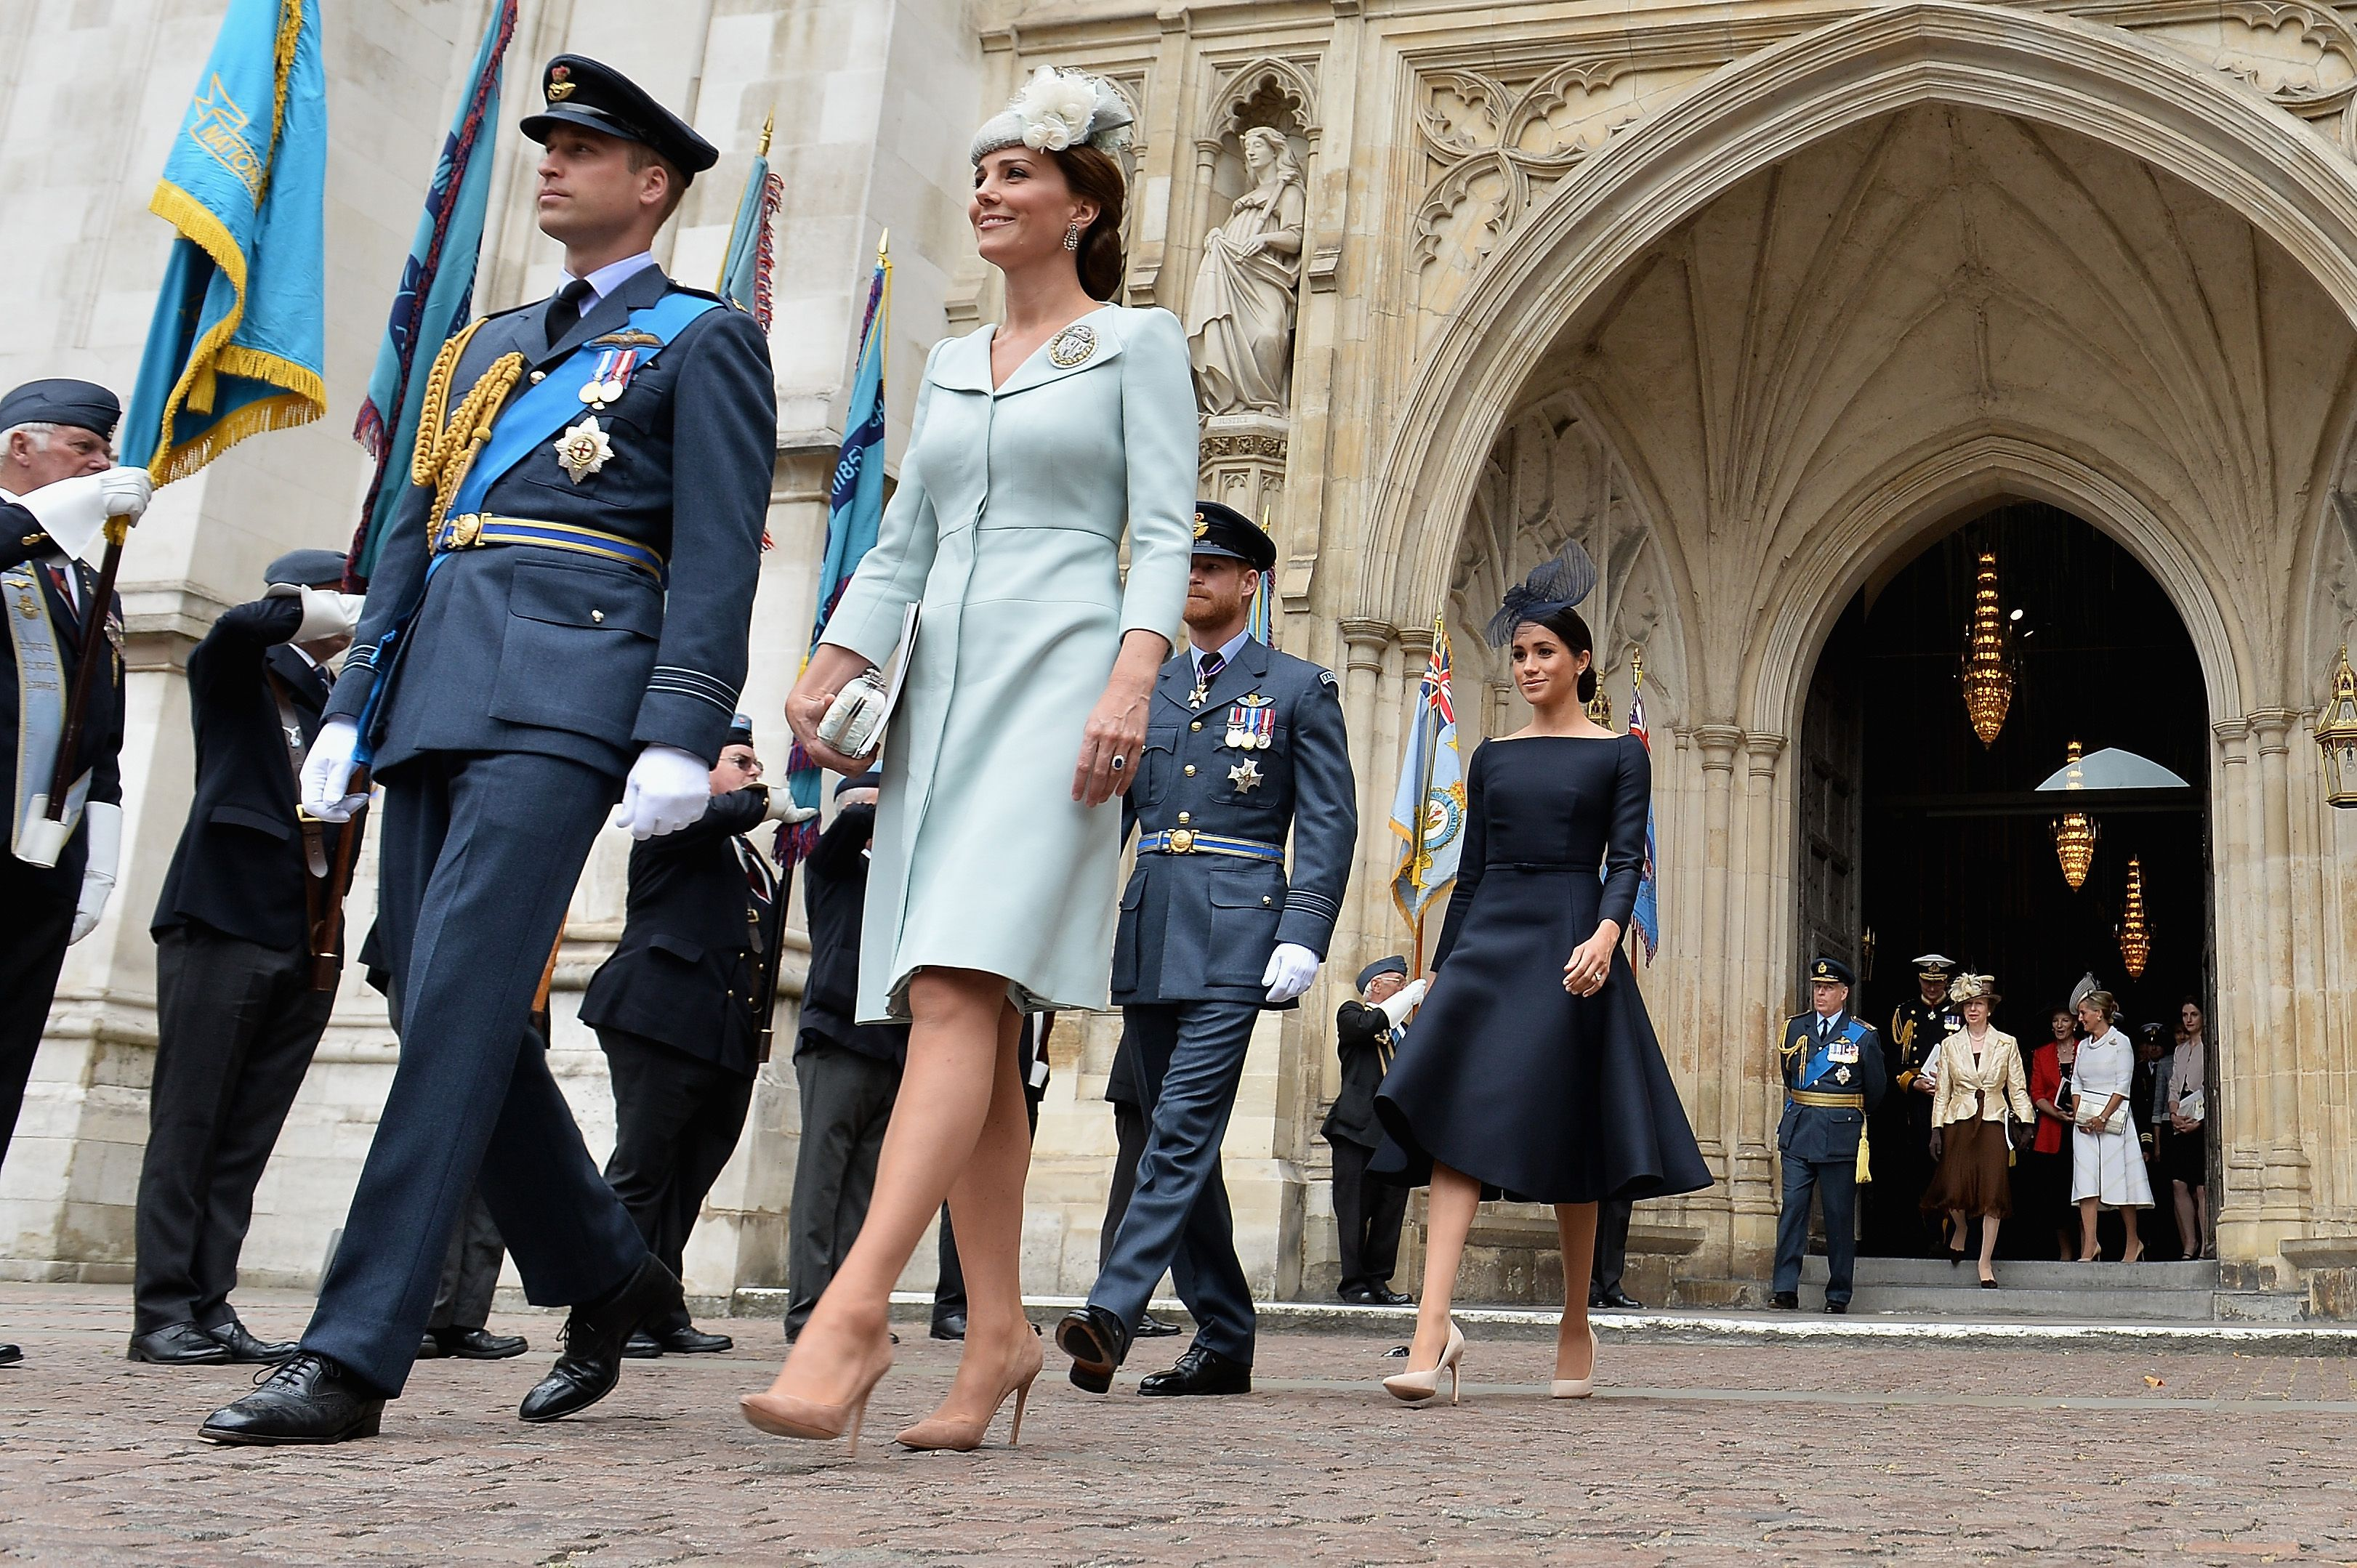 Miembros de la familia real asisten a eventos para conmemorar el centenario de la RAF